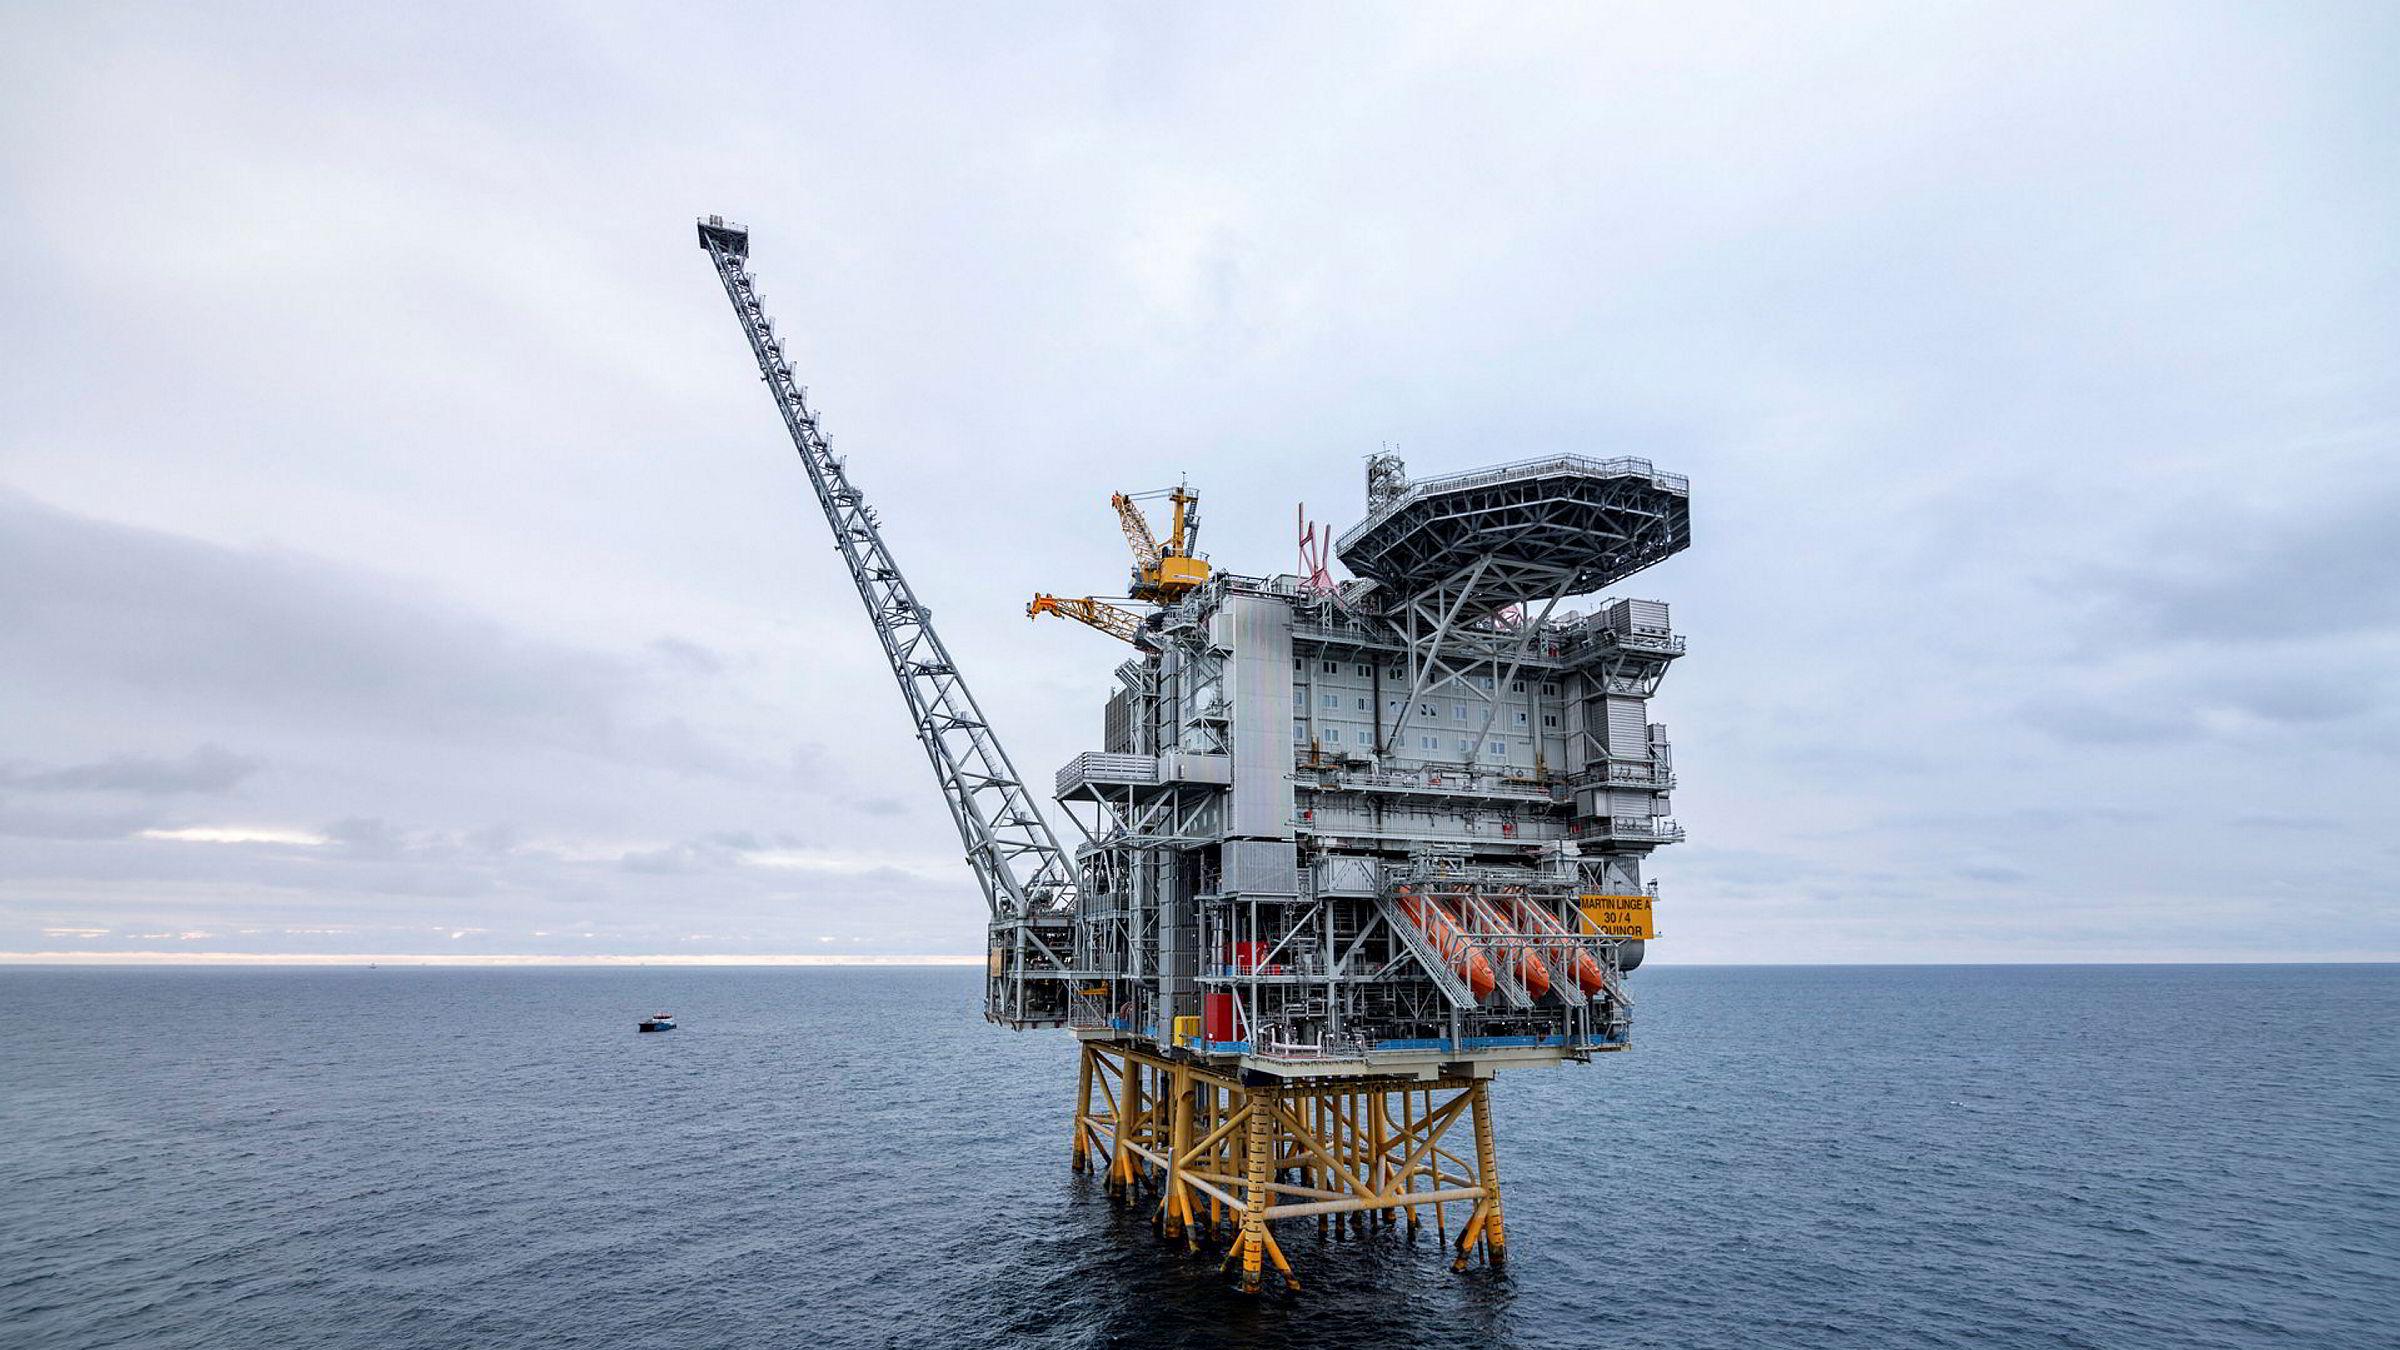 Forslaget om skatteendringer gjør at selskapene får lønnsomhet i prosjekter der de samlede driftsinntektene utgjør bare litt mer enn 55 prosent av investeringskostnadene, skriver Diderik Lund og Knut Einar Rosendahl i innlegget. Her: Martin Linge-plattformen i Nordsjøen